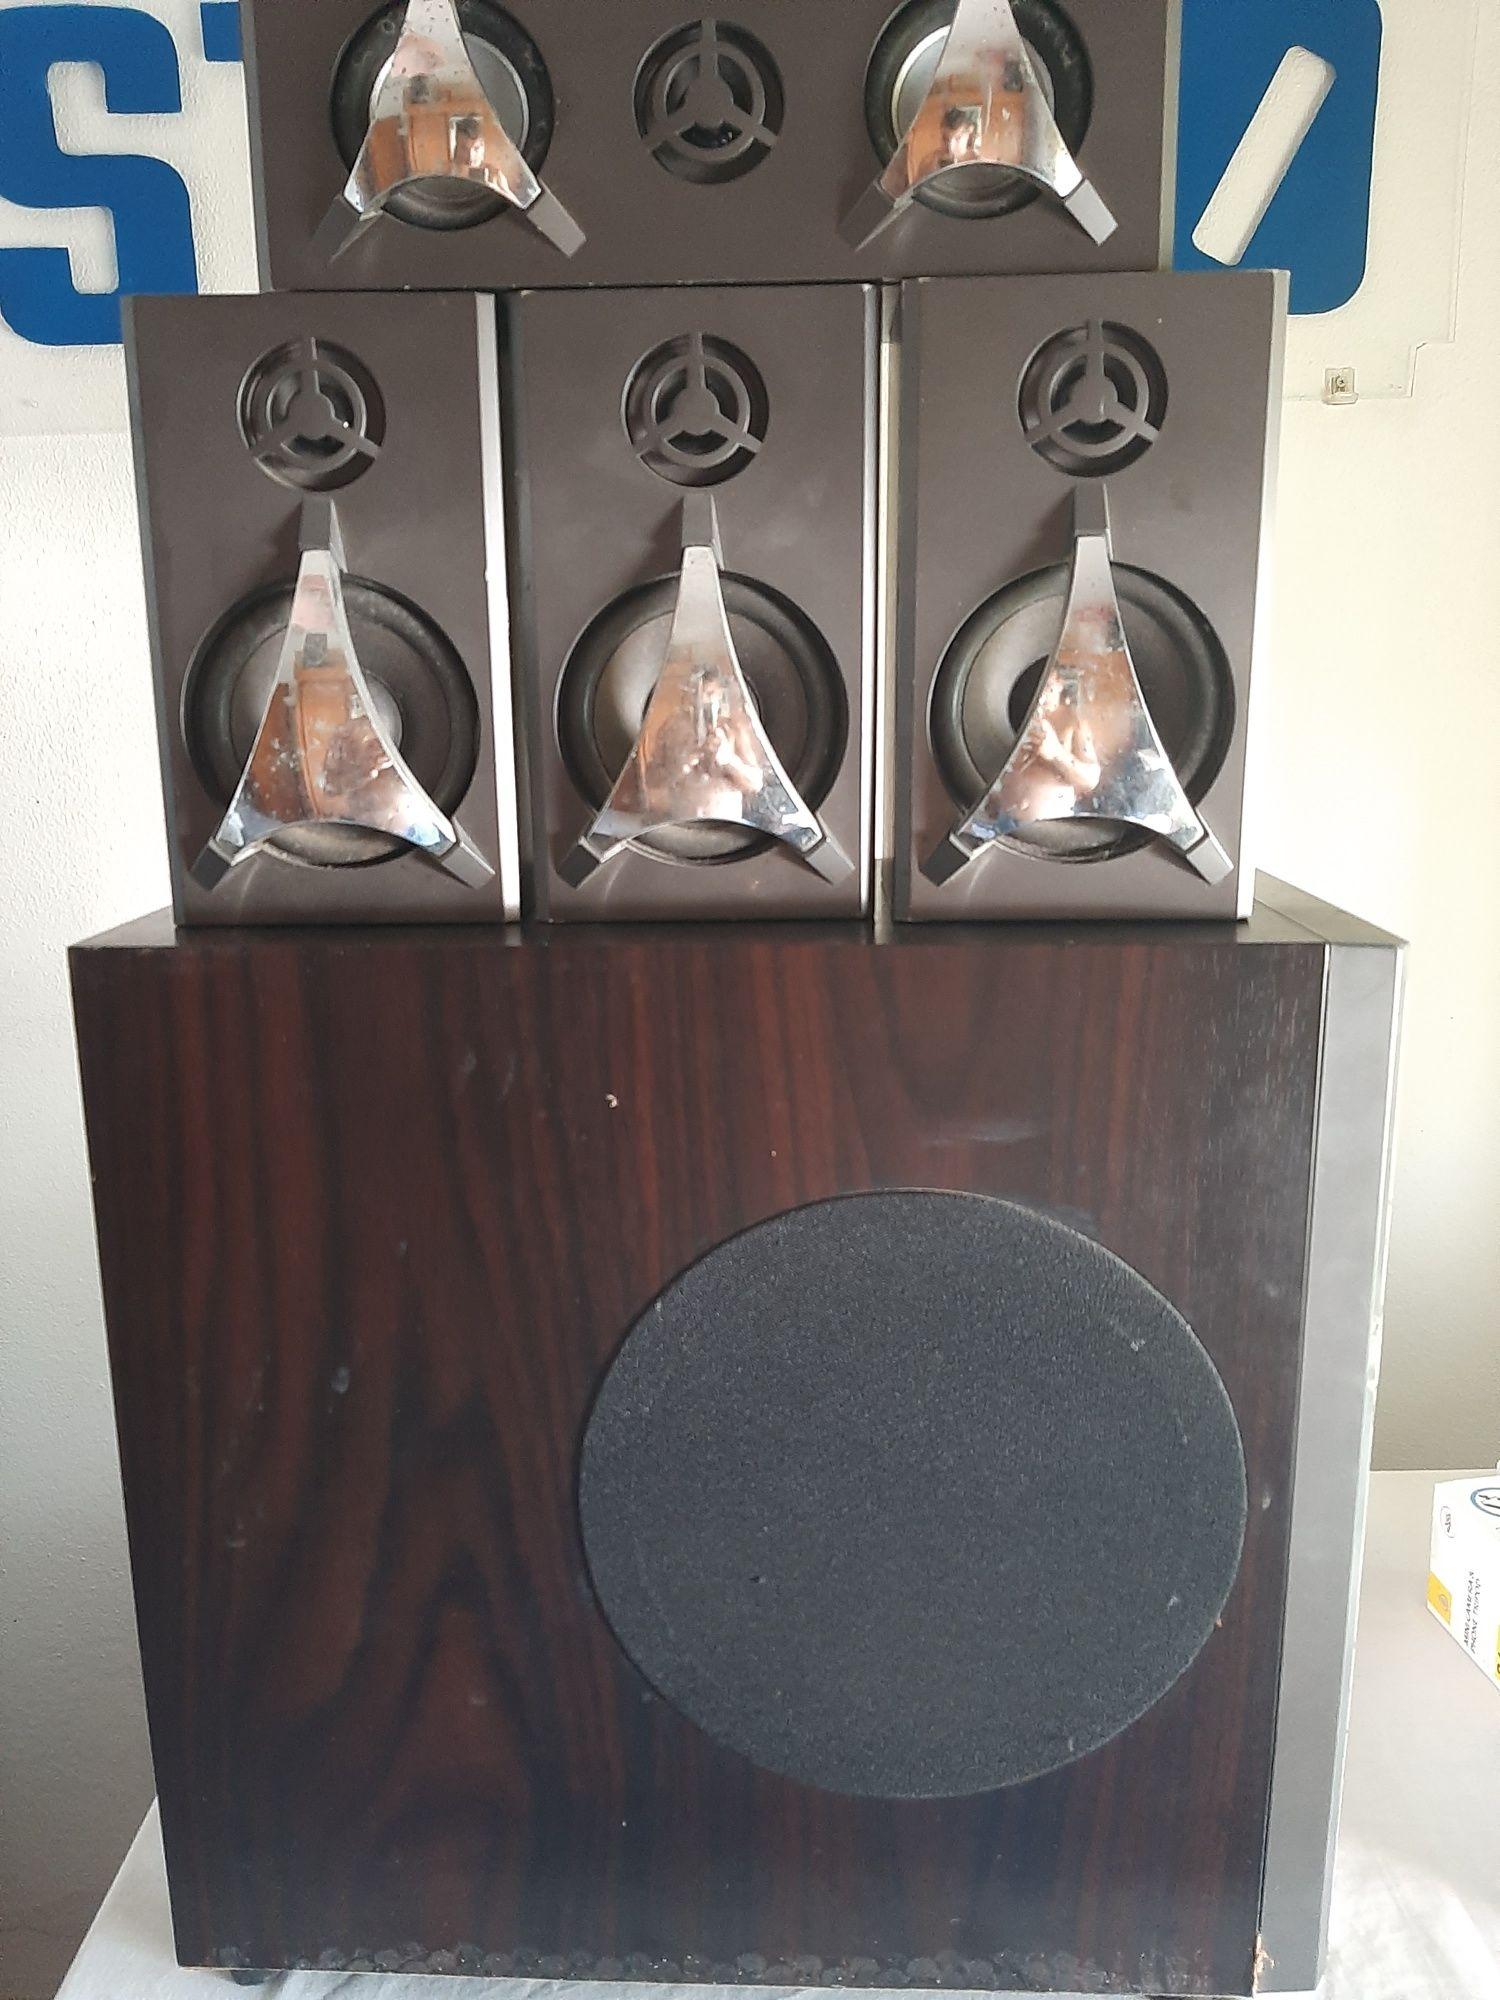 Colunas audio 3 Monitores + Subwoofer